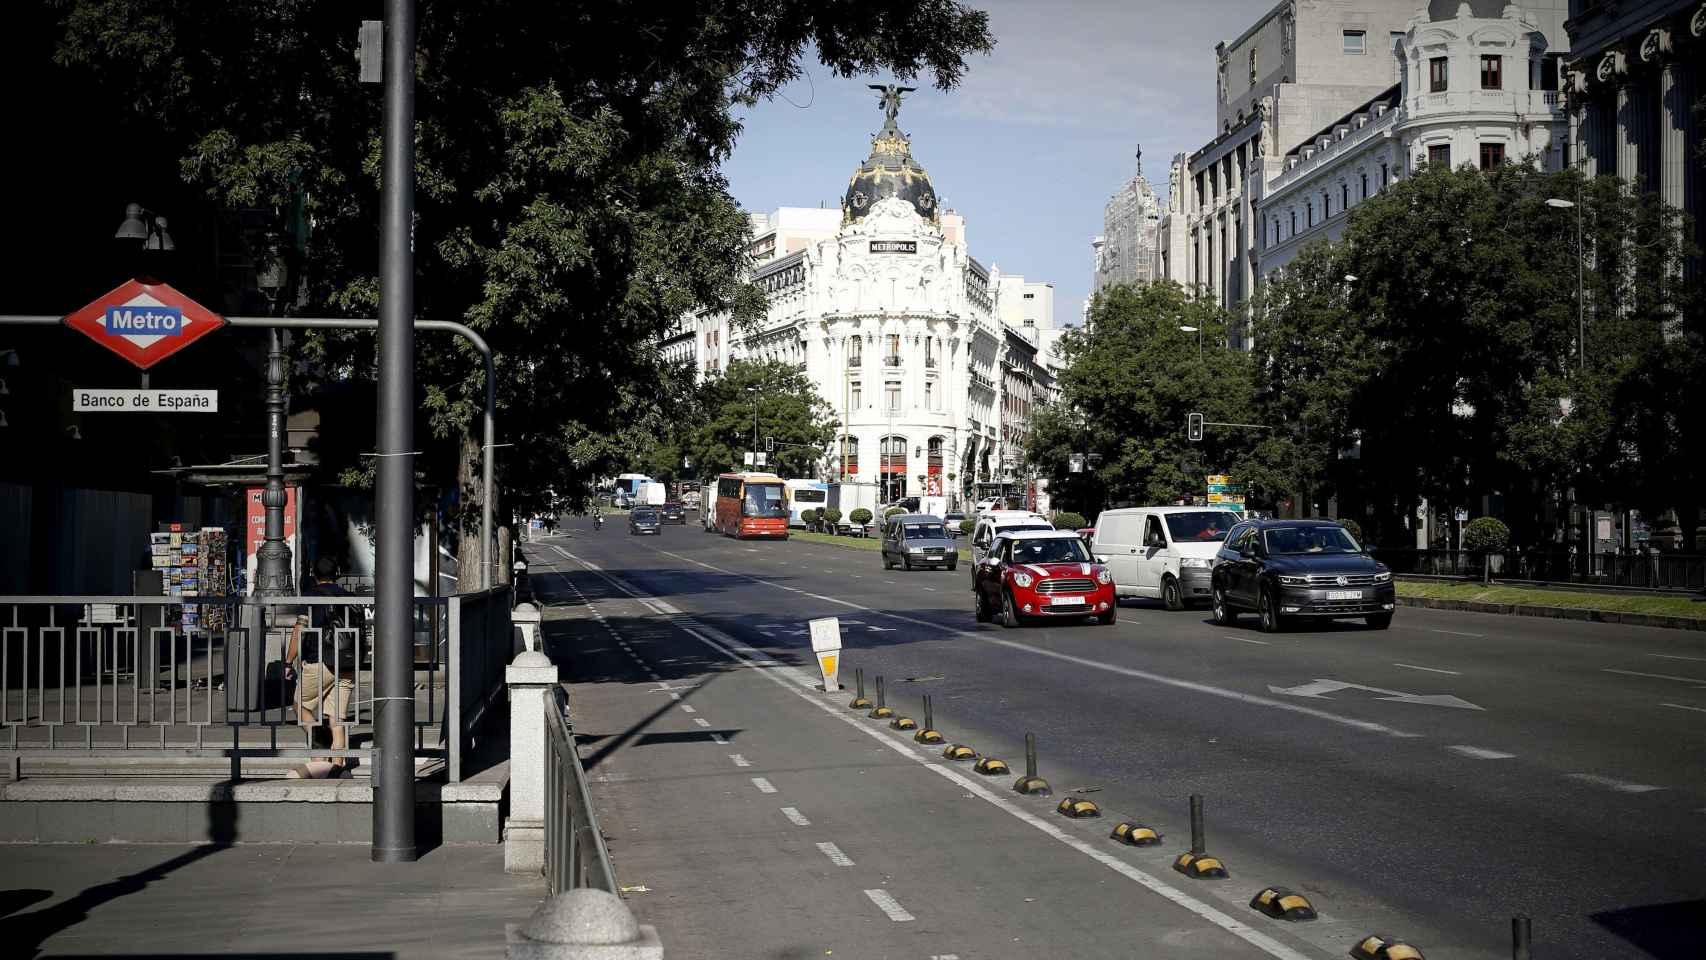 Imagen poco habitual de una de las principales avenidas de Madrid sin taxis